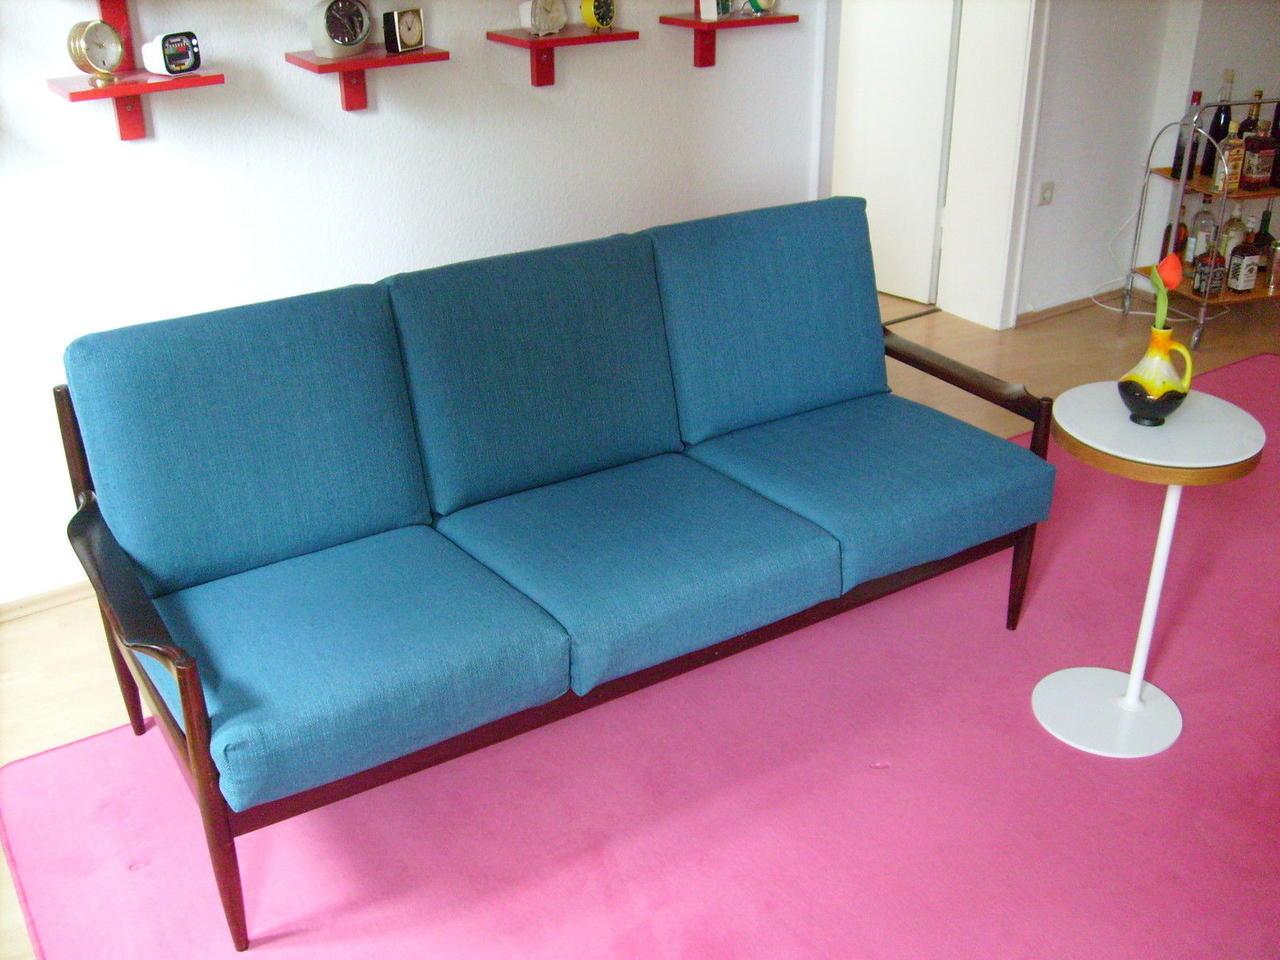 Gebrauchtes Sofa Kaufen Schweiz Empire Recamiere Chaiselongue Gigantisches Sofa Ottomane Antik